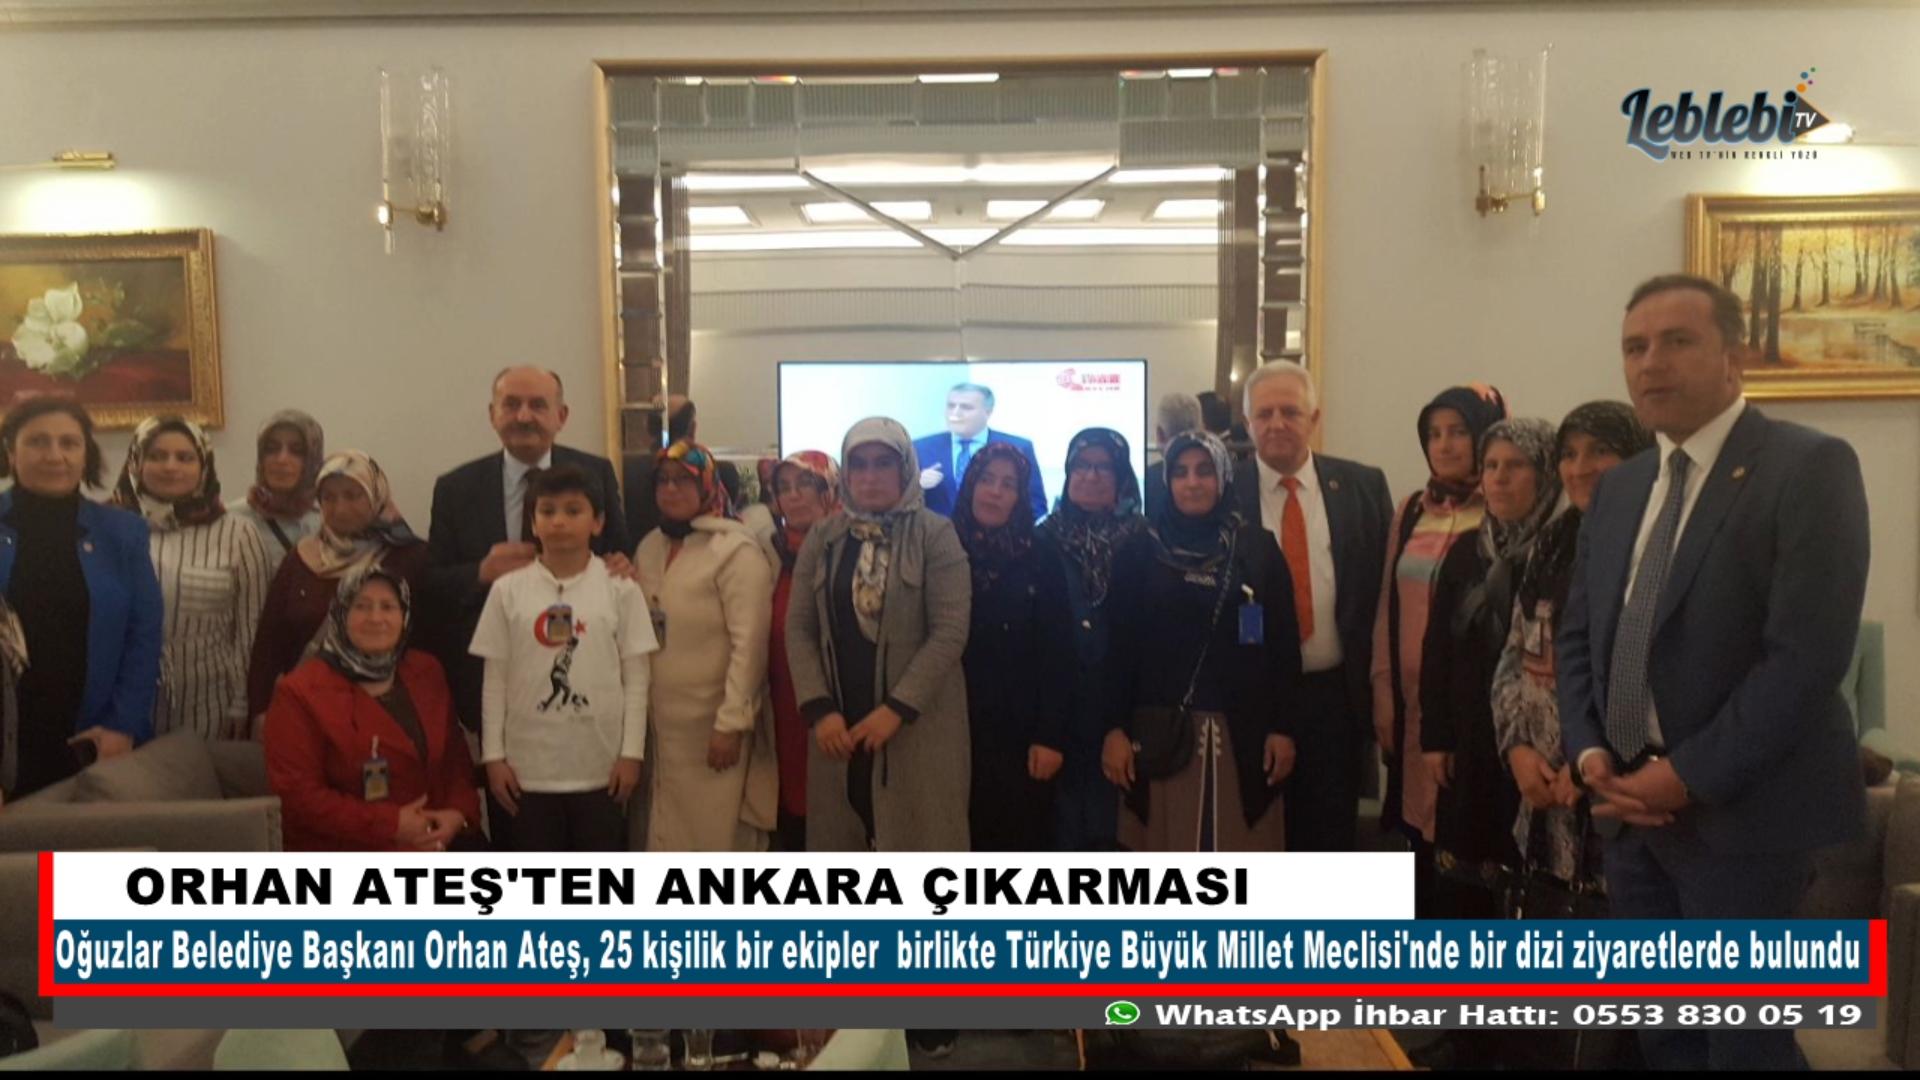 ORHAN ATEŞ'TEN ANKARA ÇIKARMASI